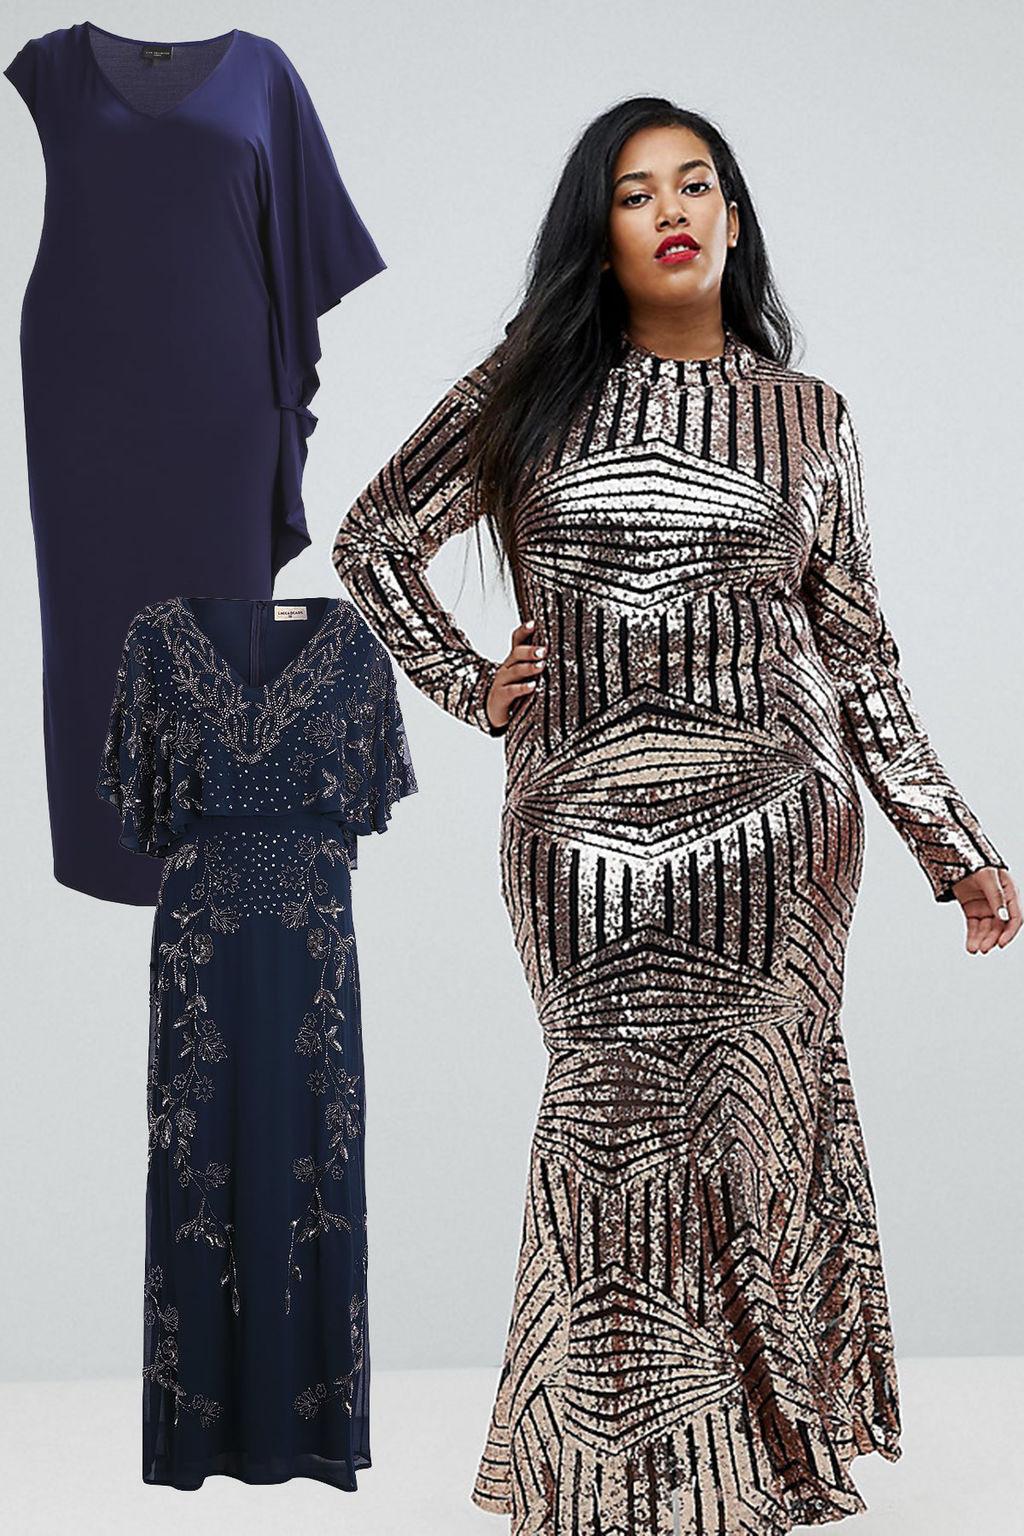 17 Schön Lange Kleider Größe 50 Spezialgebiet13 Perfekt Lange Kleider Größe 50 Spezialgebiet